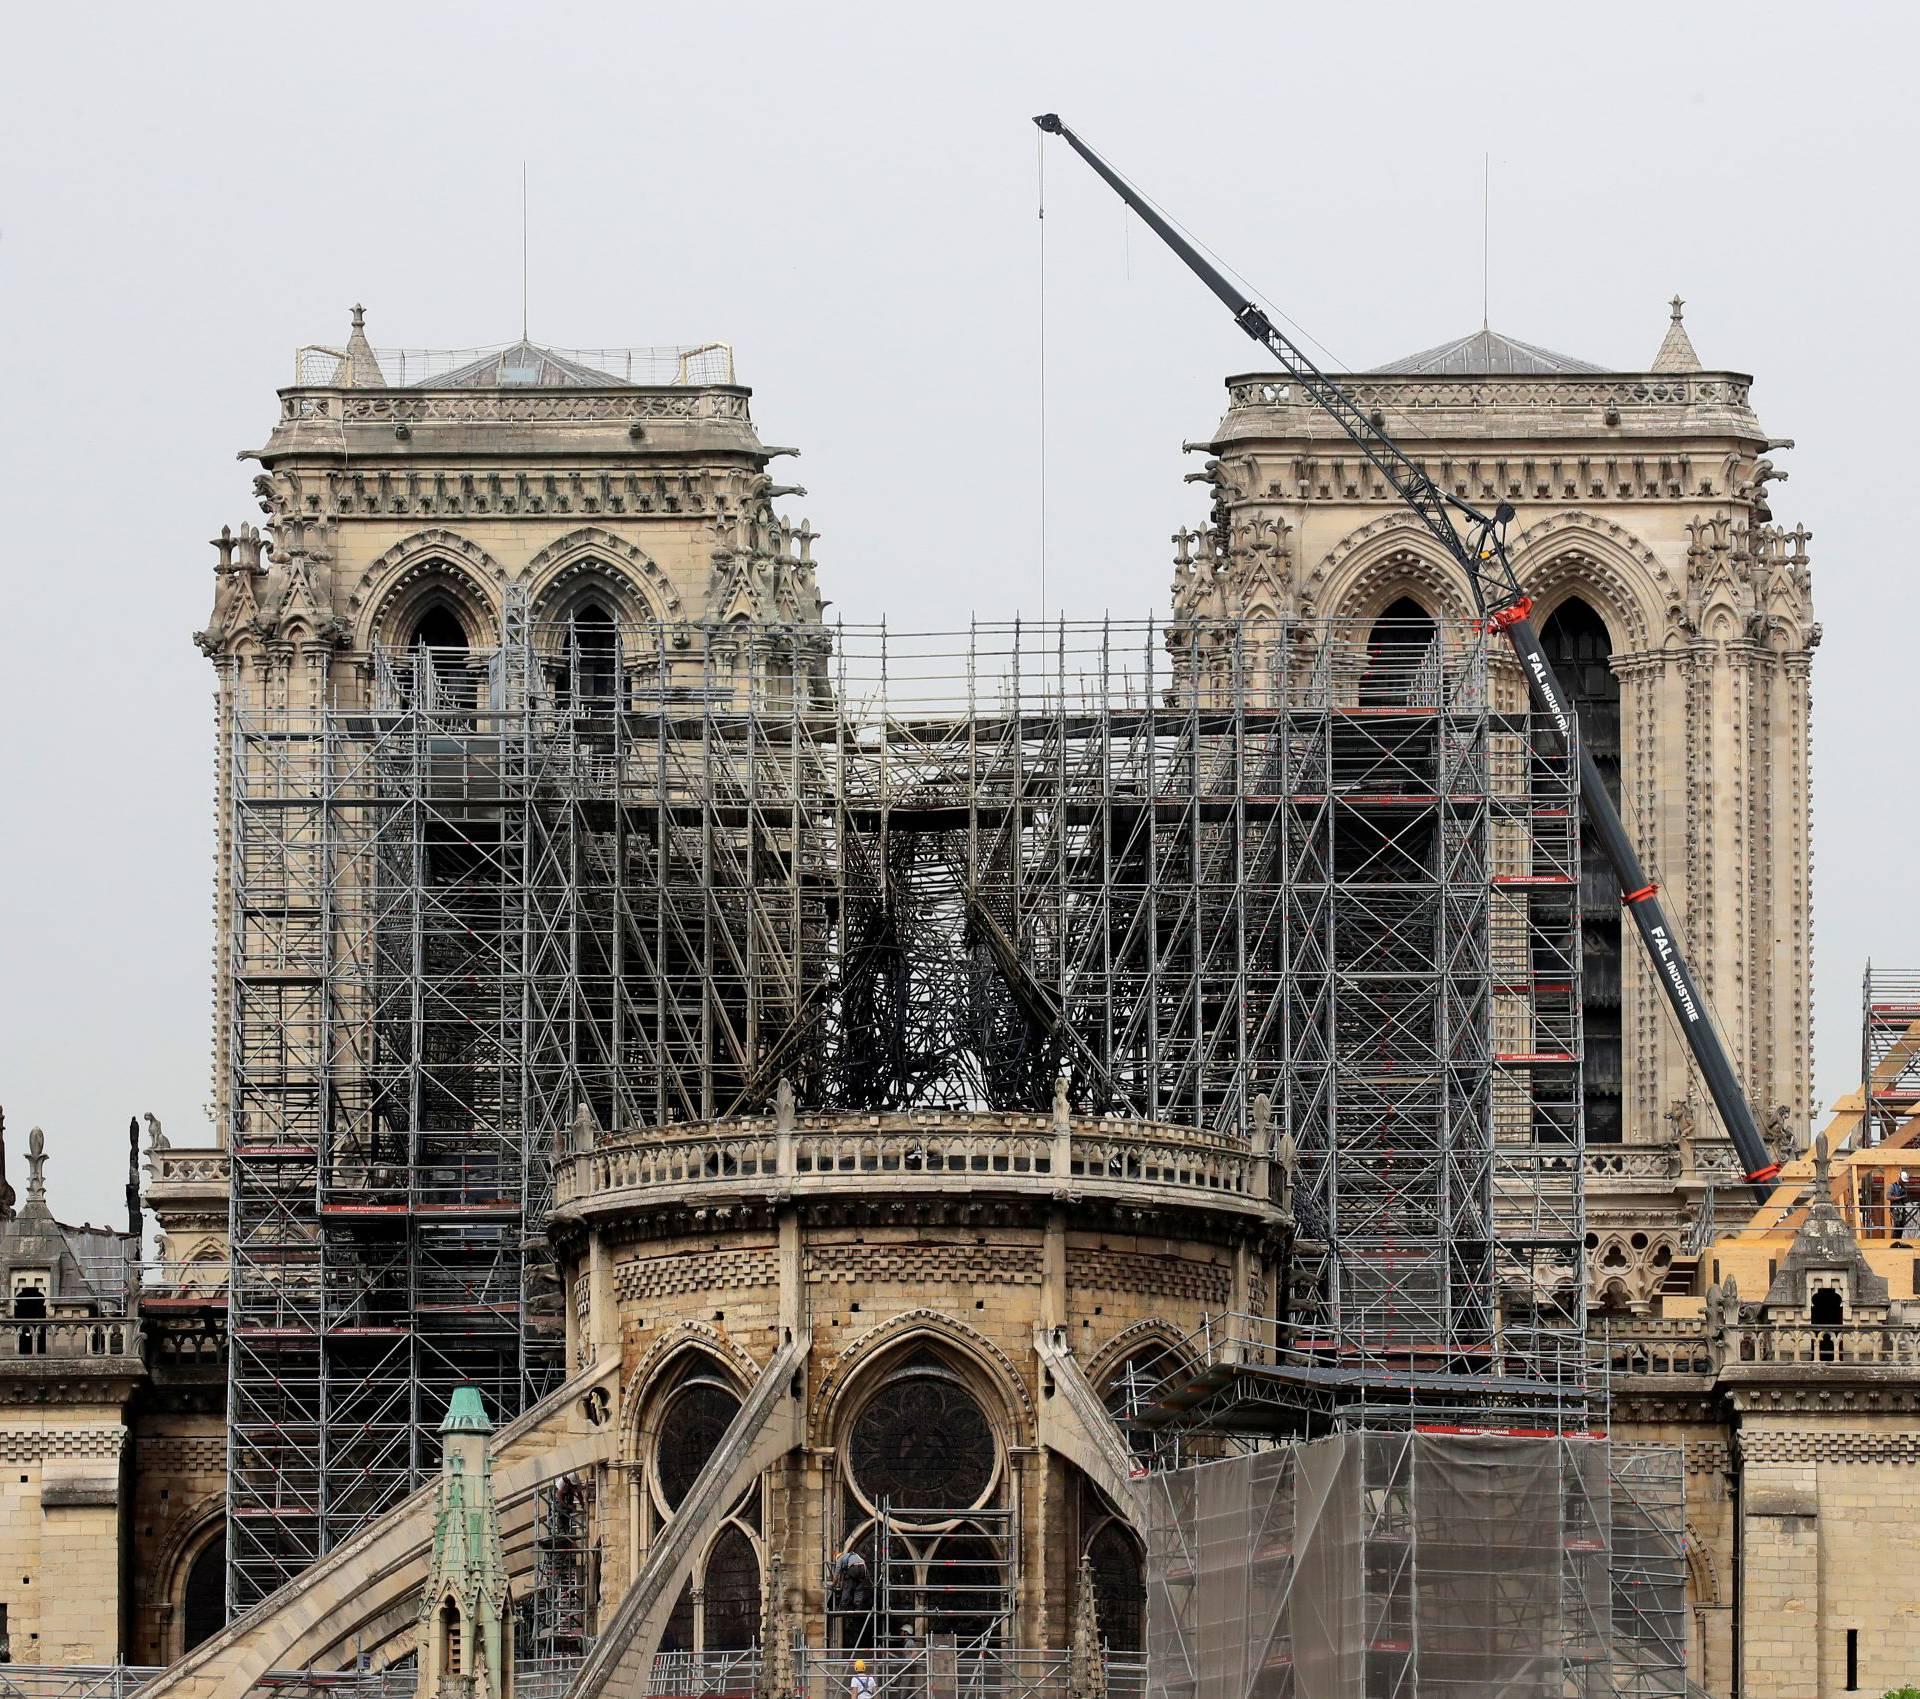 Drvo je najbolje rješenje za obnovu izgorjele Notre Dame